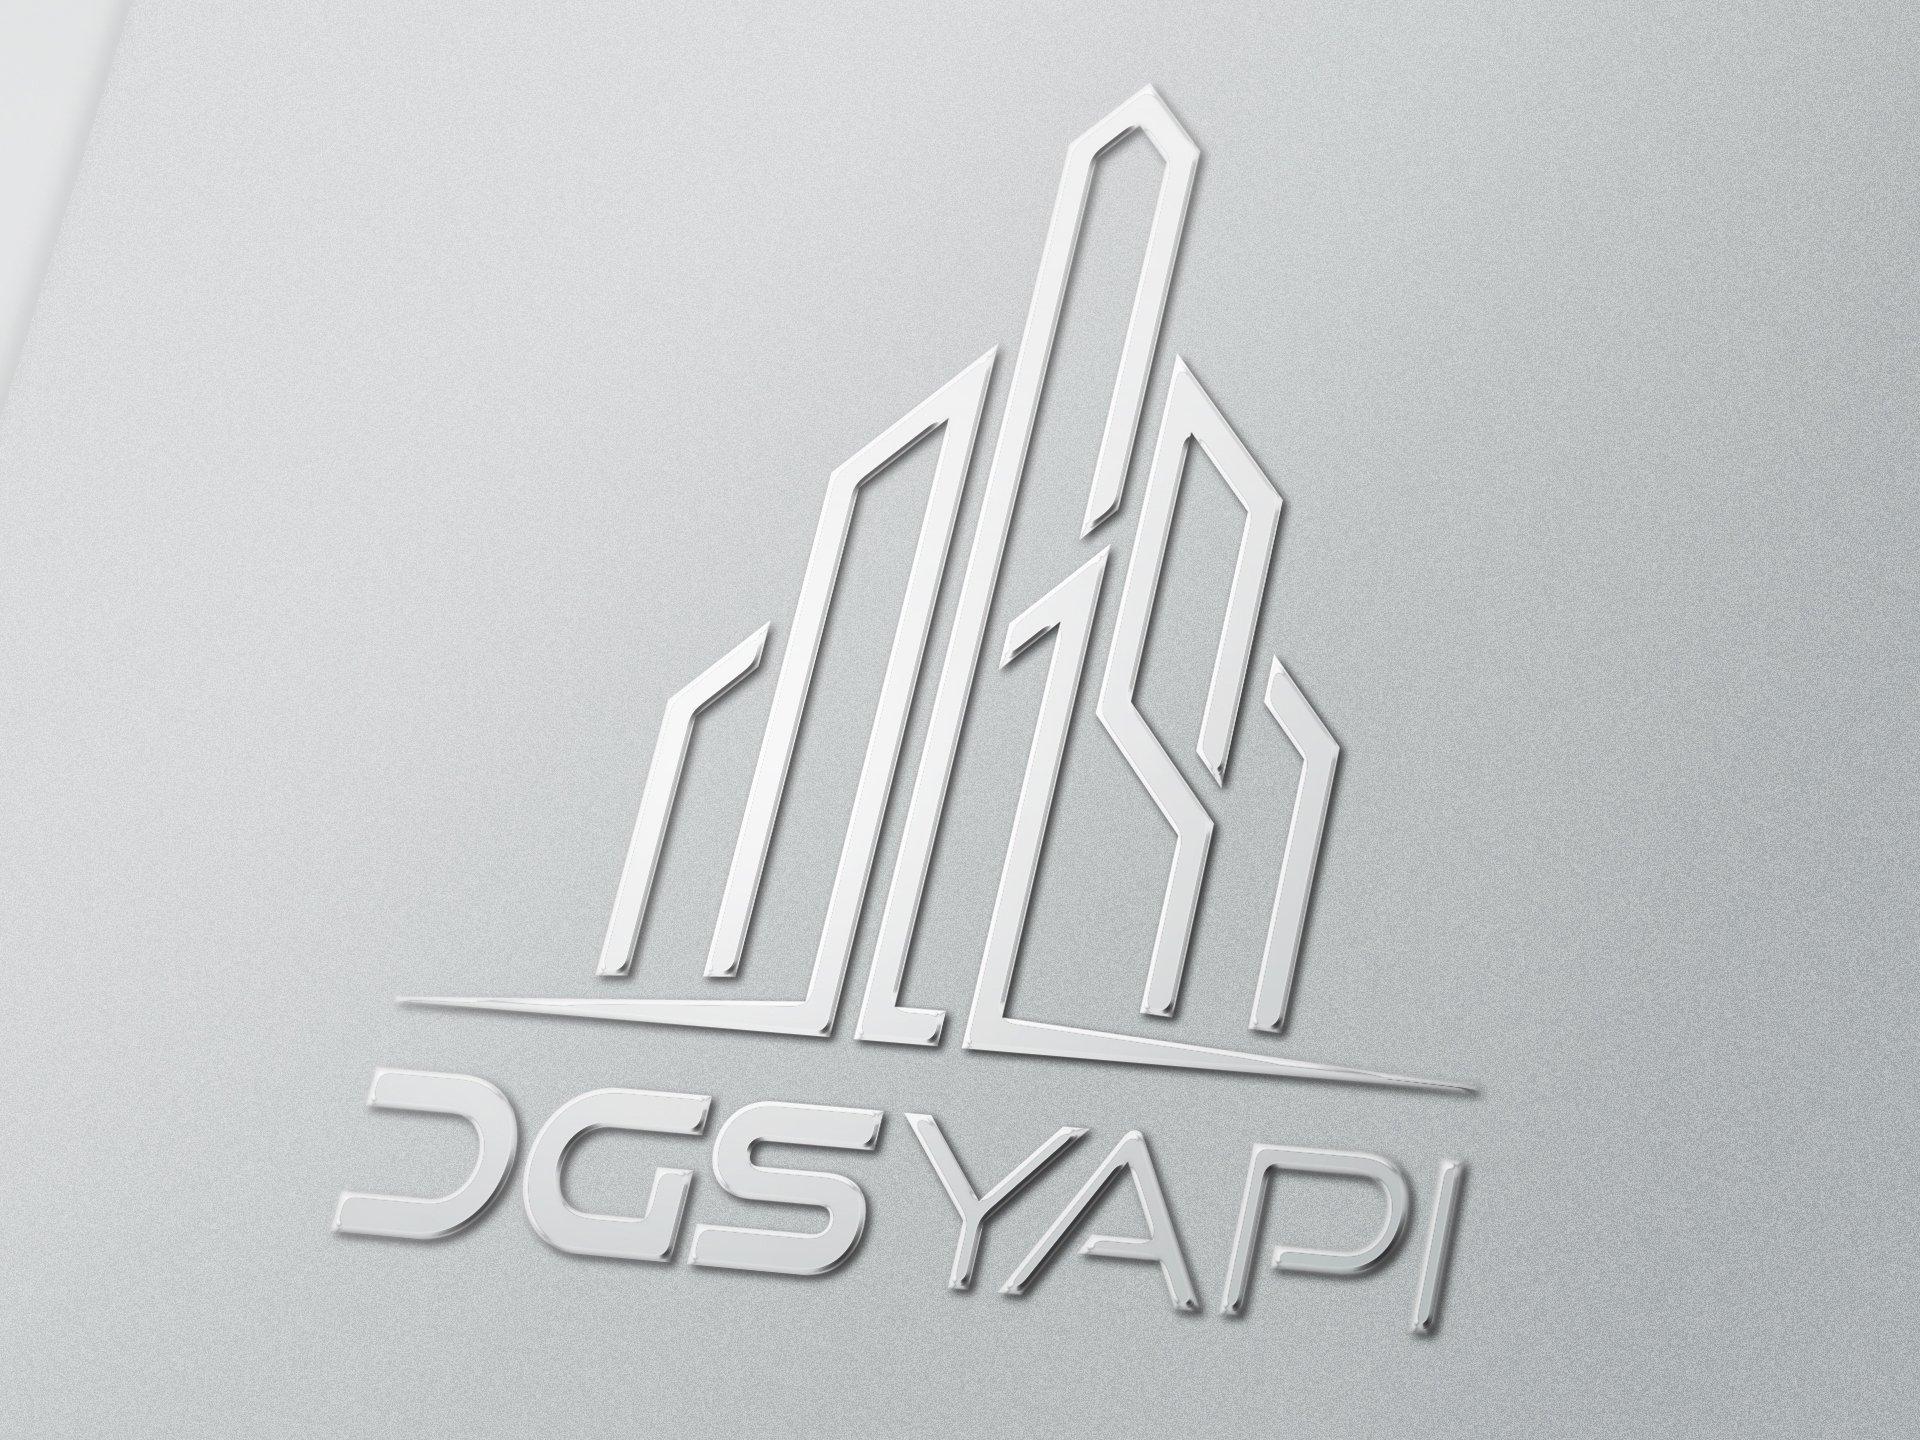 DGS Yapı